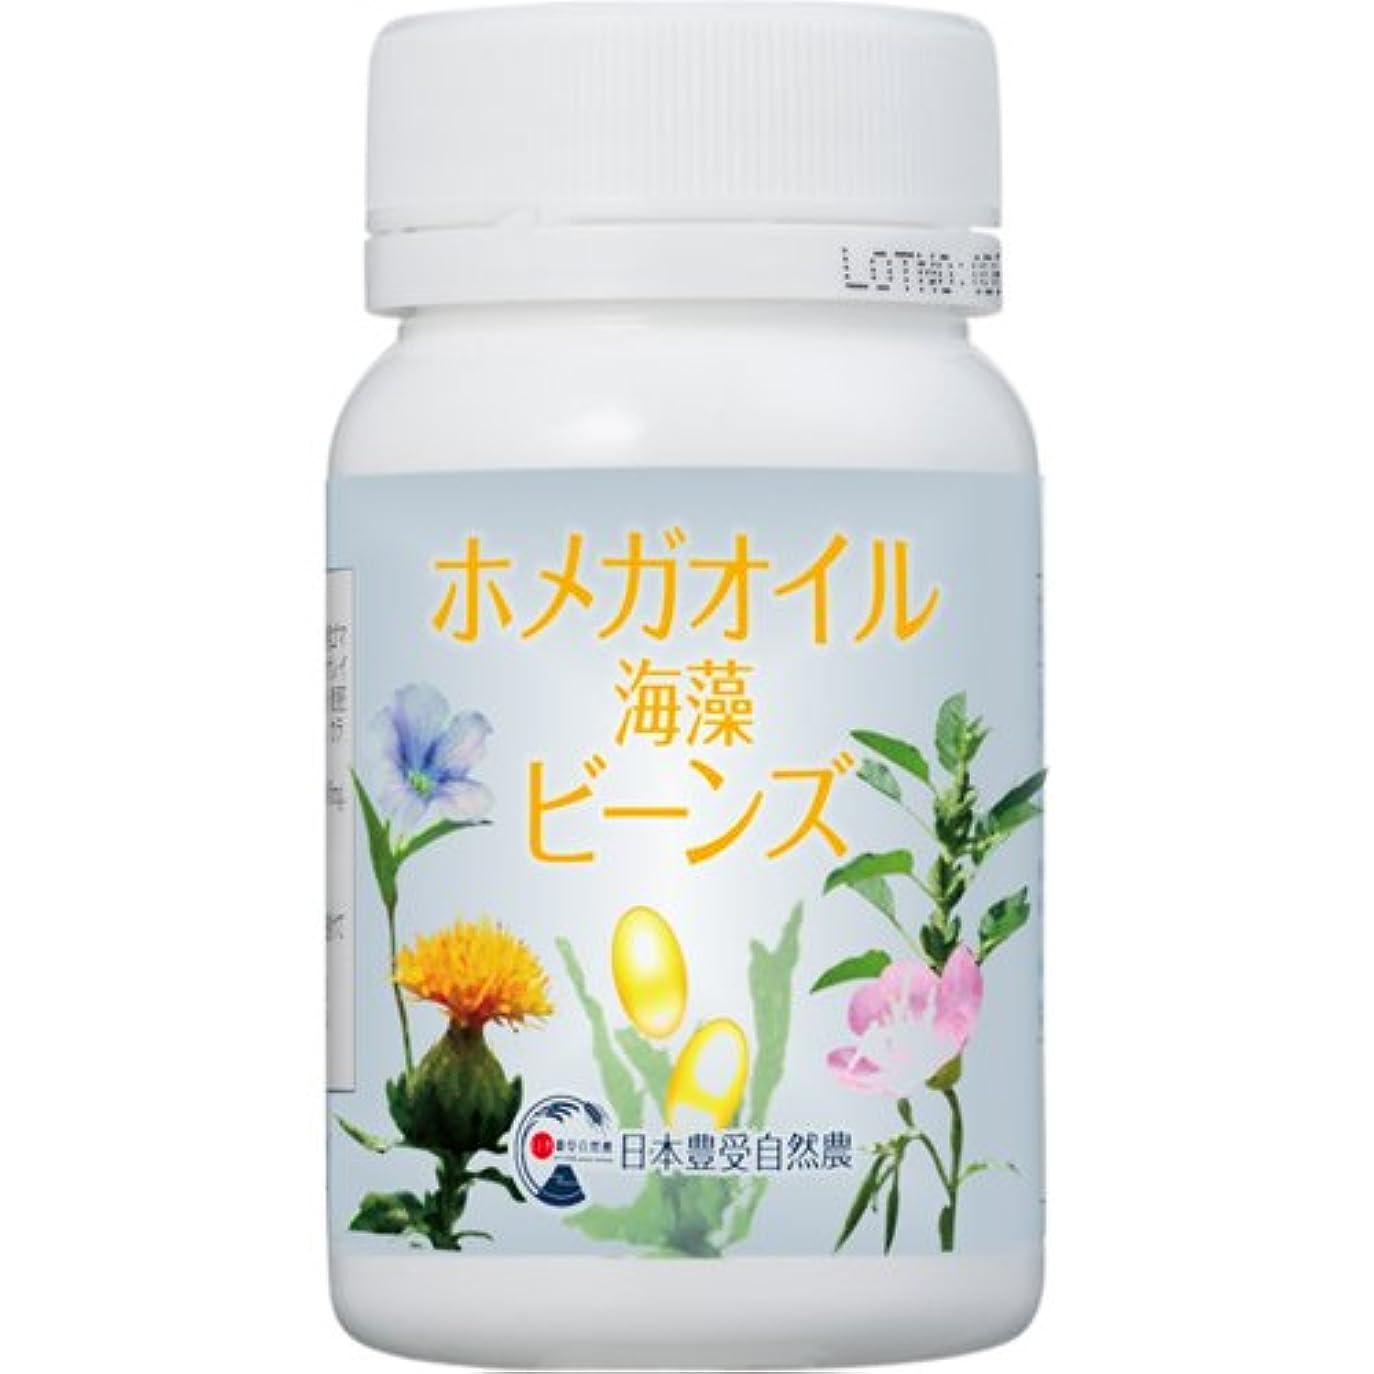 仮定、想定。推測ウッズ習慣日本豊受自然農 ホメガオイル海藻ビーンズ 約90粒